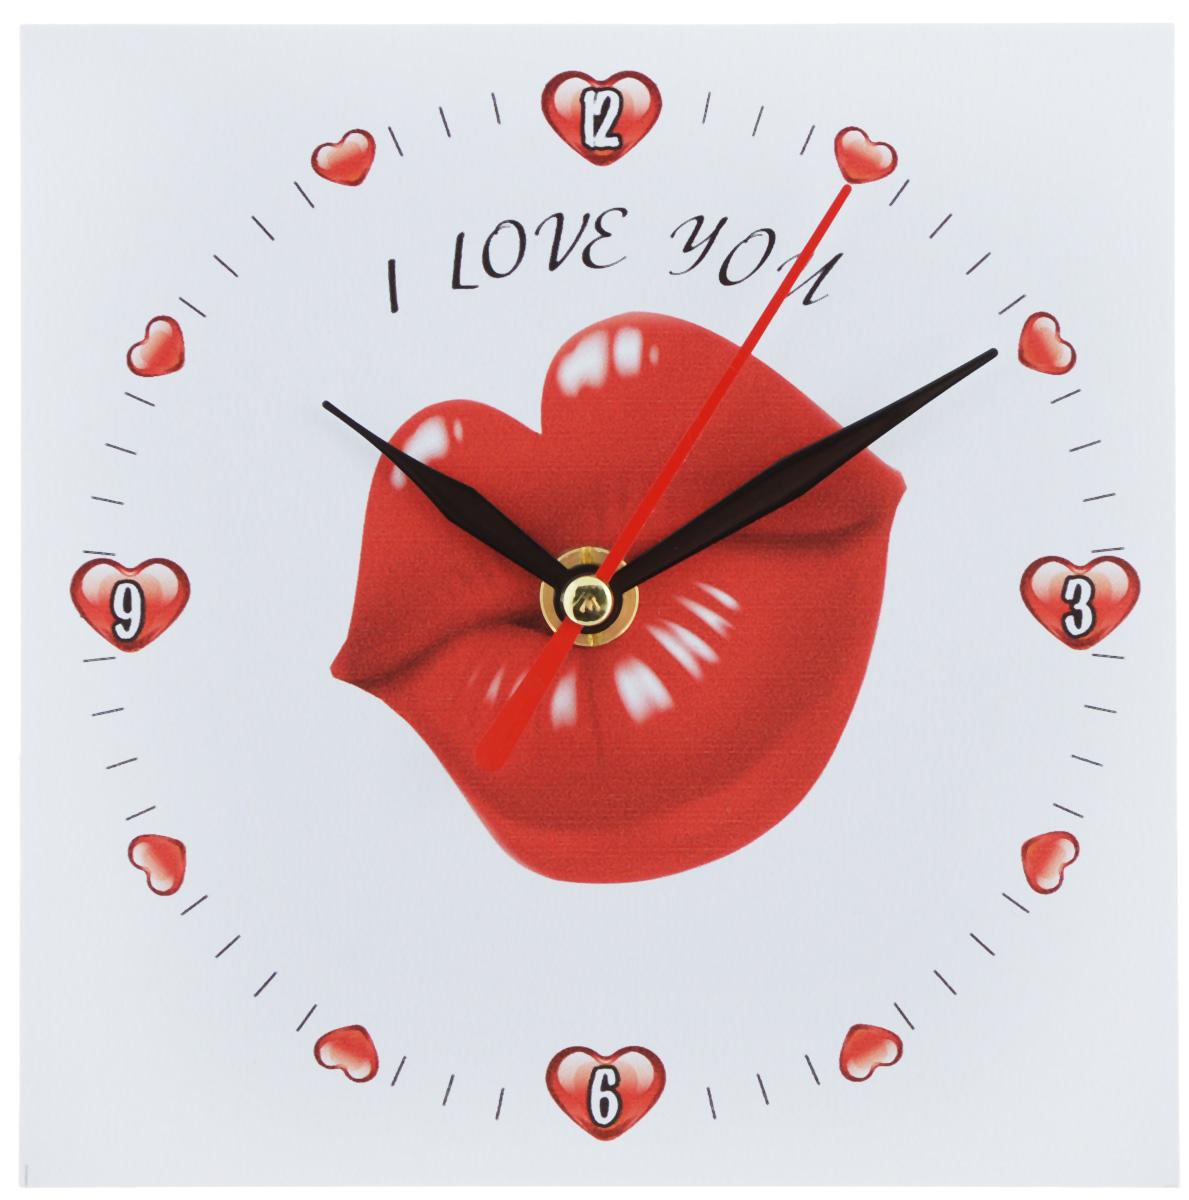 Часы настольные Эврика Губы, 14 х 14 см148126Часы настольные Эврика Губы изготовлены из МДФ с ламинированием и пластика. Изделие имеет оригинальный циферблат с изображением красных губ и надписью: I Love You. Механизм хода часов бесшумный и плавный. Сзади расположен специальный упор, благодаря которому часы можно поставить на стол. Часы также можно повесить на стену с помощью специального металлического отверстия. Такие яркие необычные часы станут украшением вашего рабочего стола и подчеркнут ваш стиль. Отличный подарок друзьям и близким, который обязательно вызовет улыбку и радость. Часы работают от одной батарейки напряжением 1,5V типа AA (в комплект не входит).